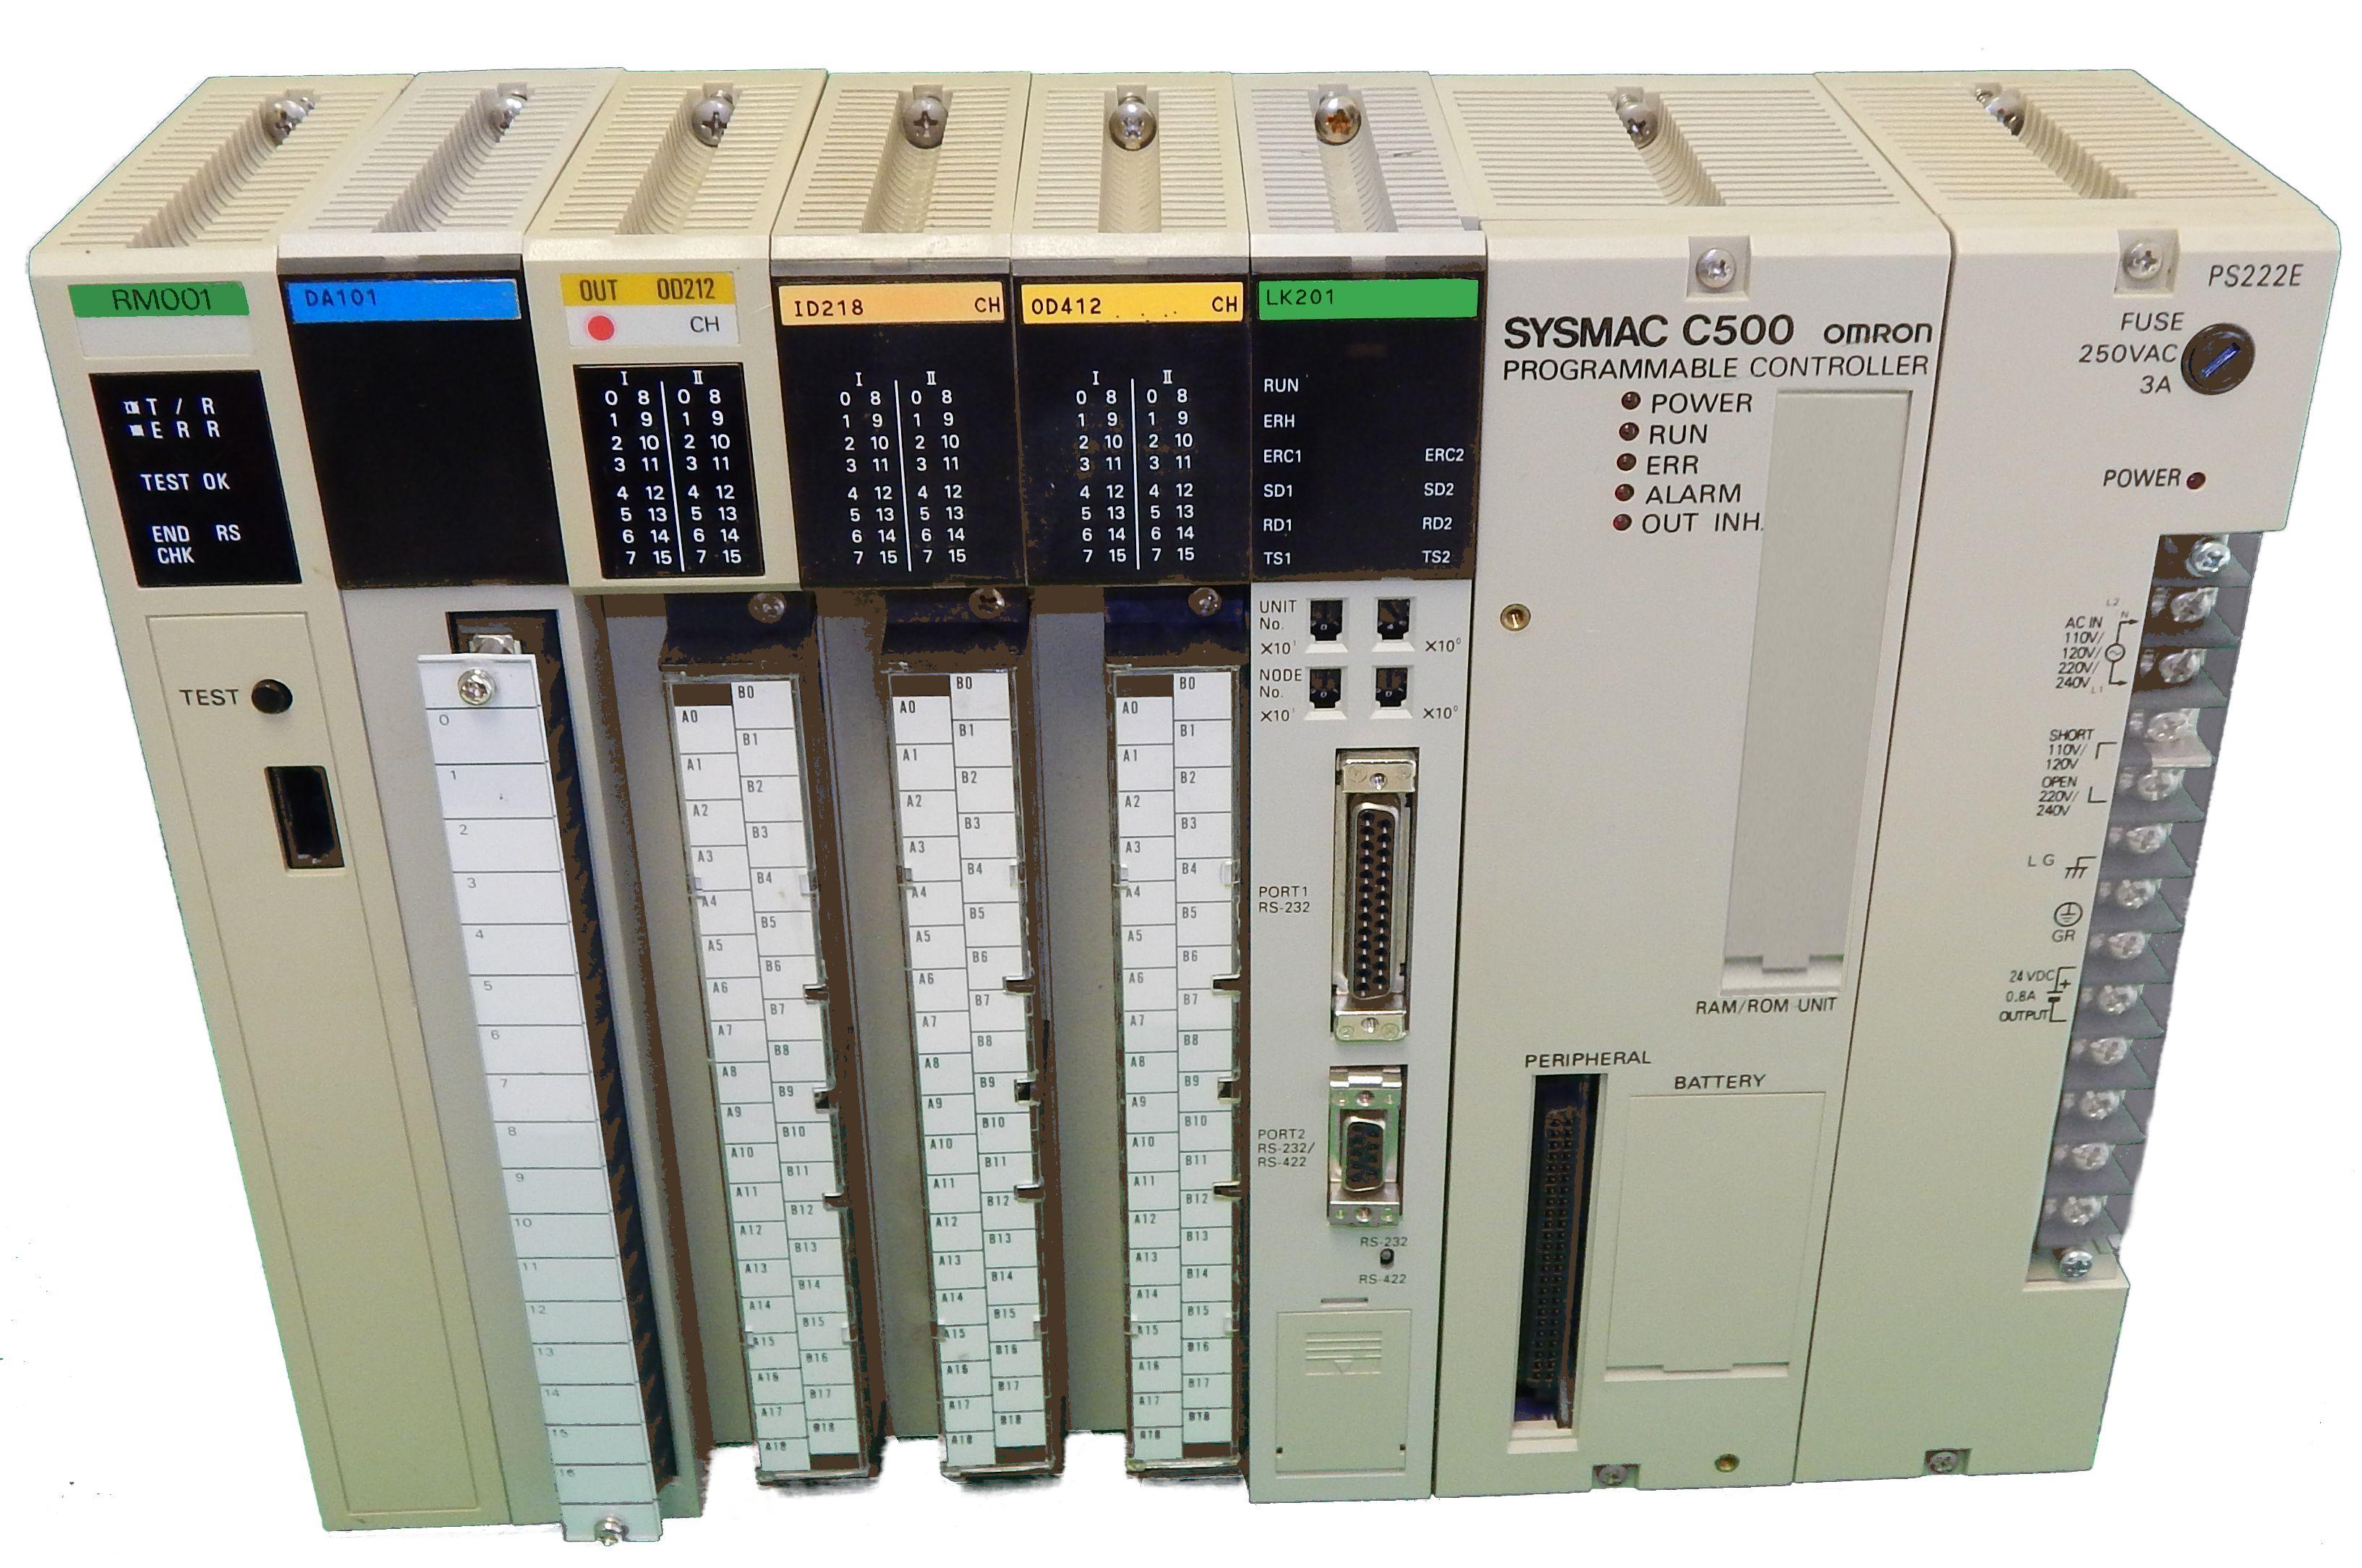 3G2A5-OD412